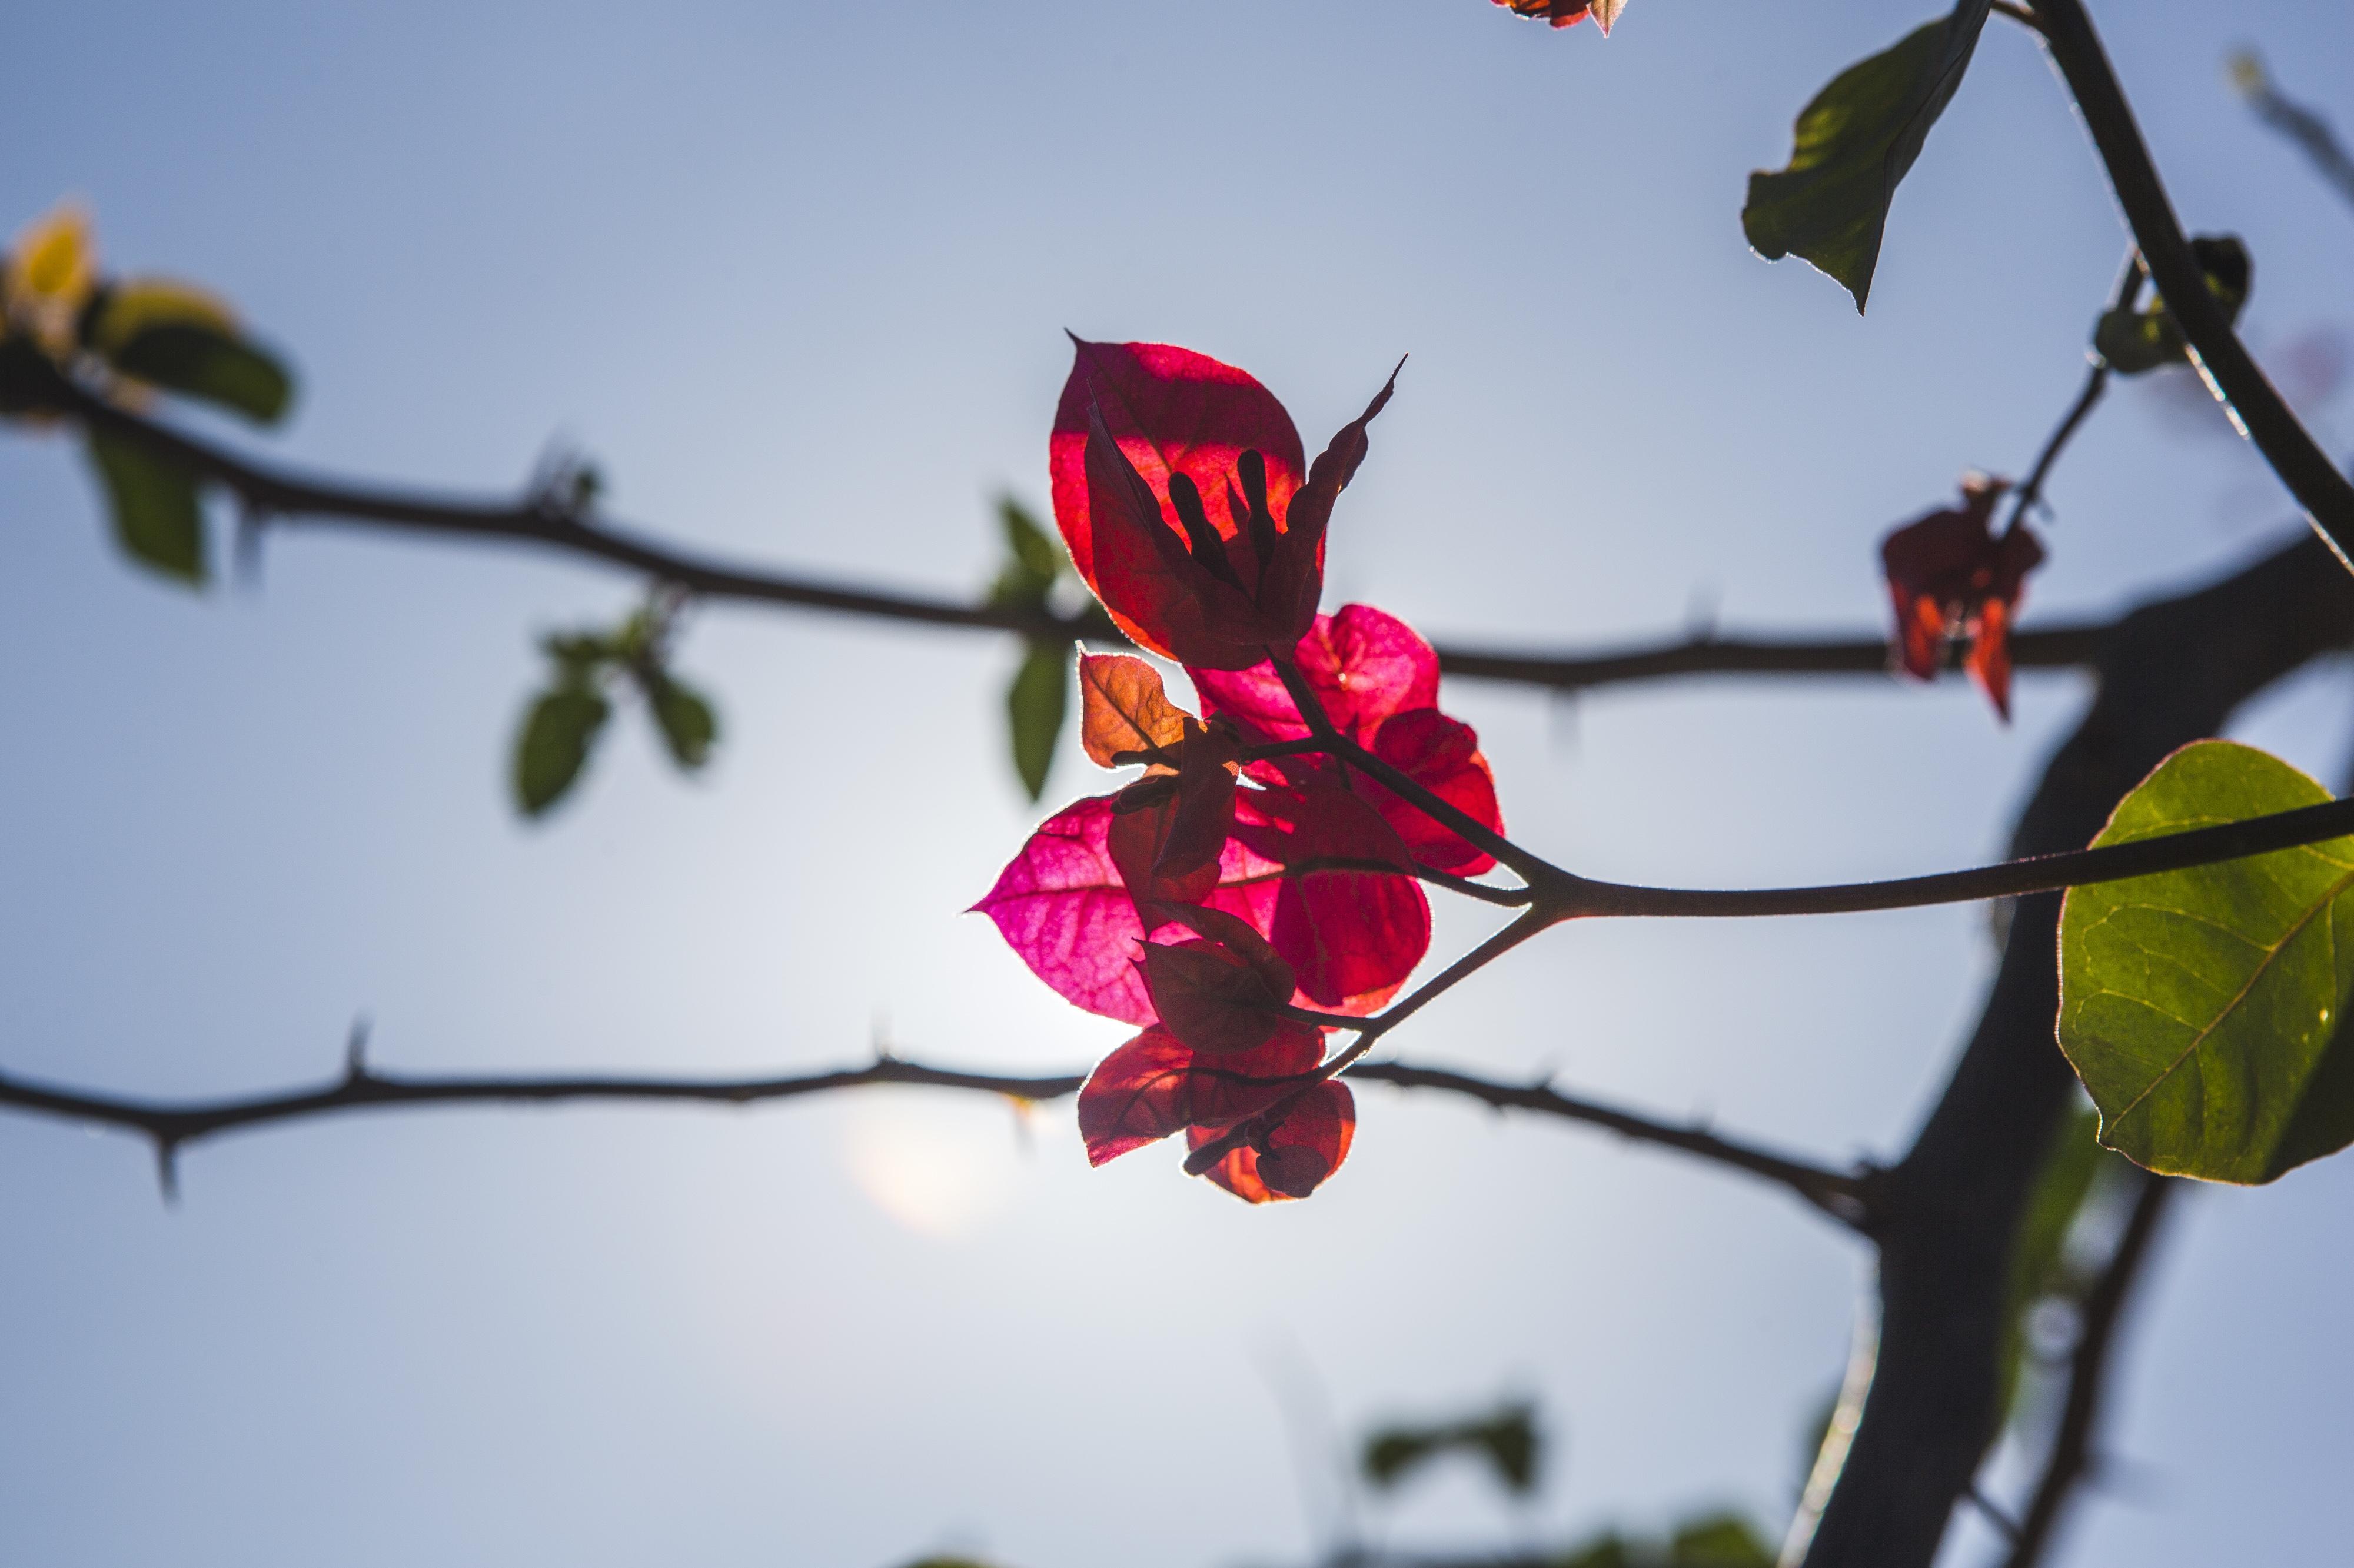 O começo da primavera deve ser quente e seco em Santa Catarina - Daniel Queiroz/ND